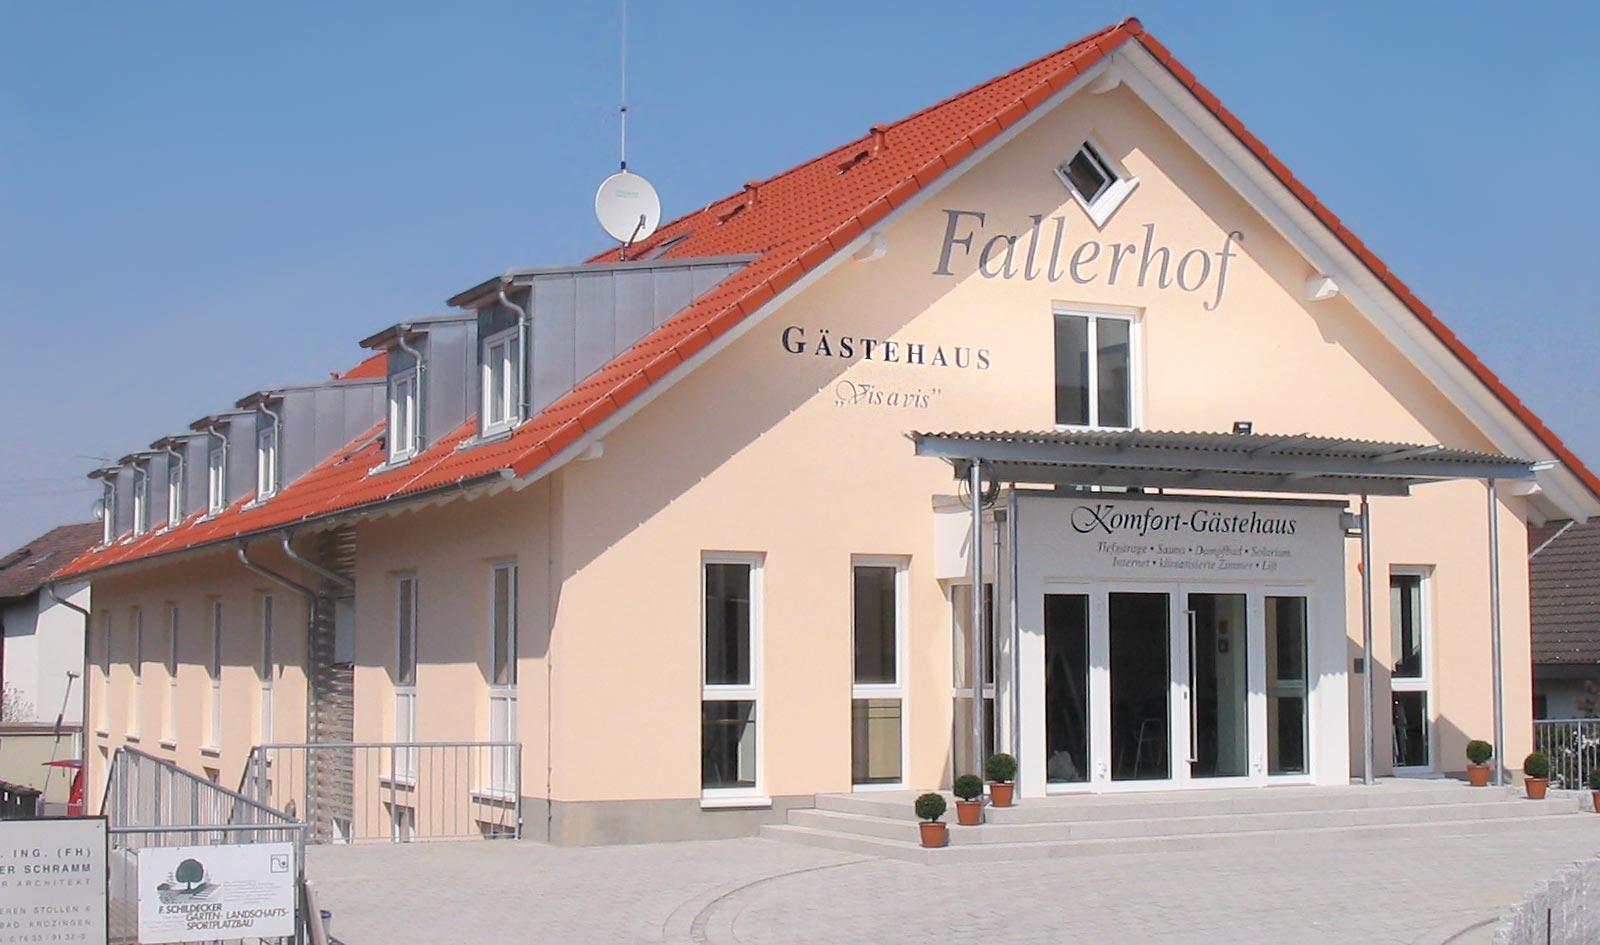 Gästehaus Hotel Restaurant Partyservice Fallerhof Bad Krozingen